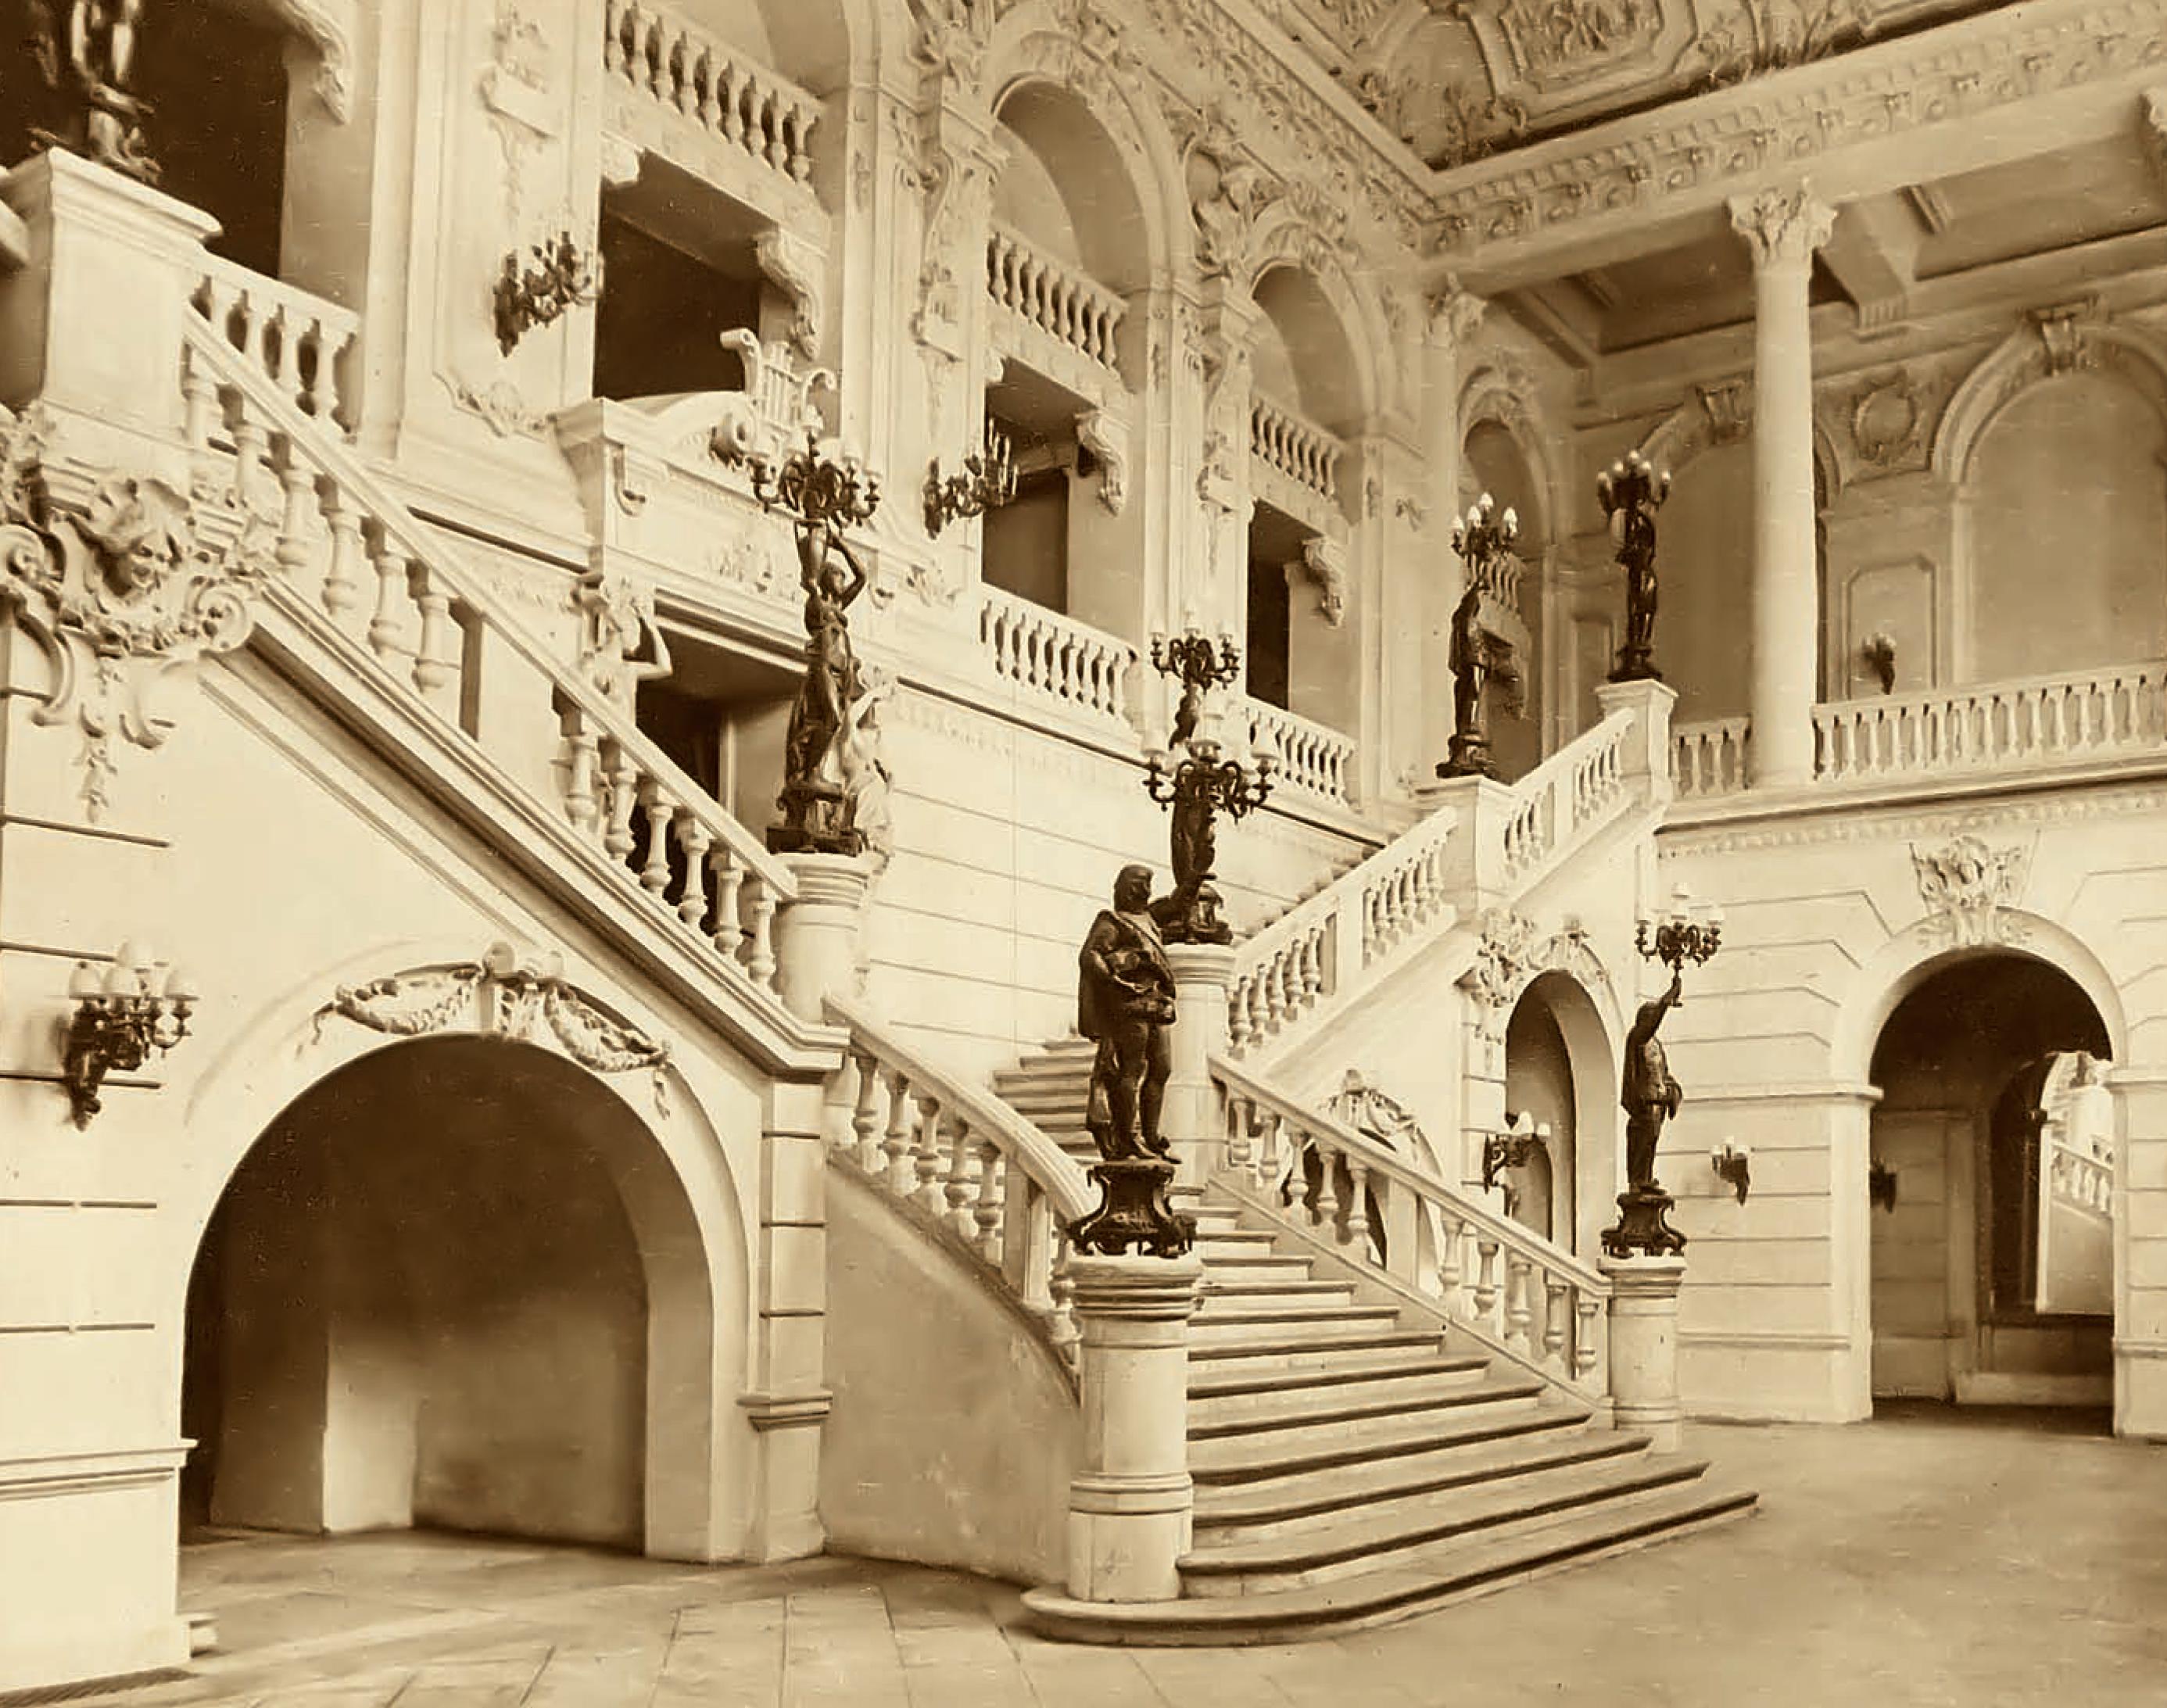 Enterreno - Fotos históricas de chile - fotos antiguas de Chile - Foyer del Teatro Municipal, Santiago año 1915